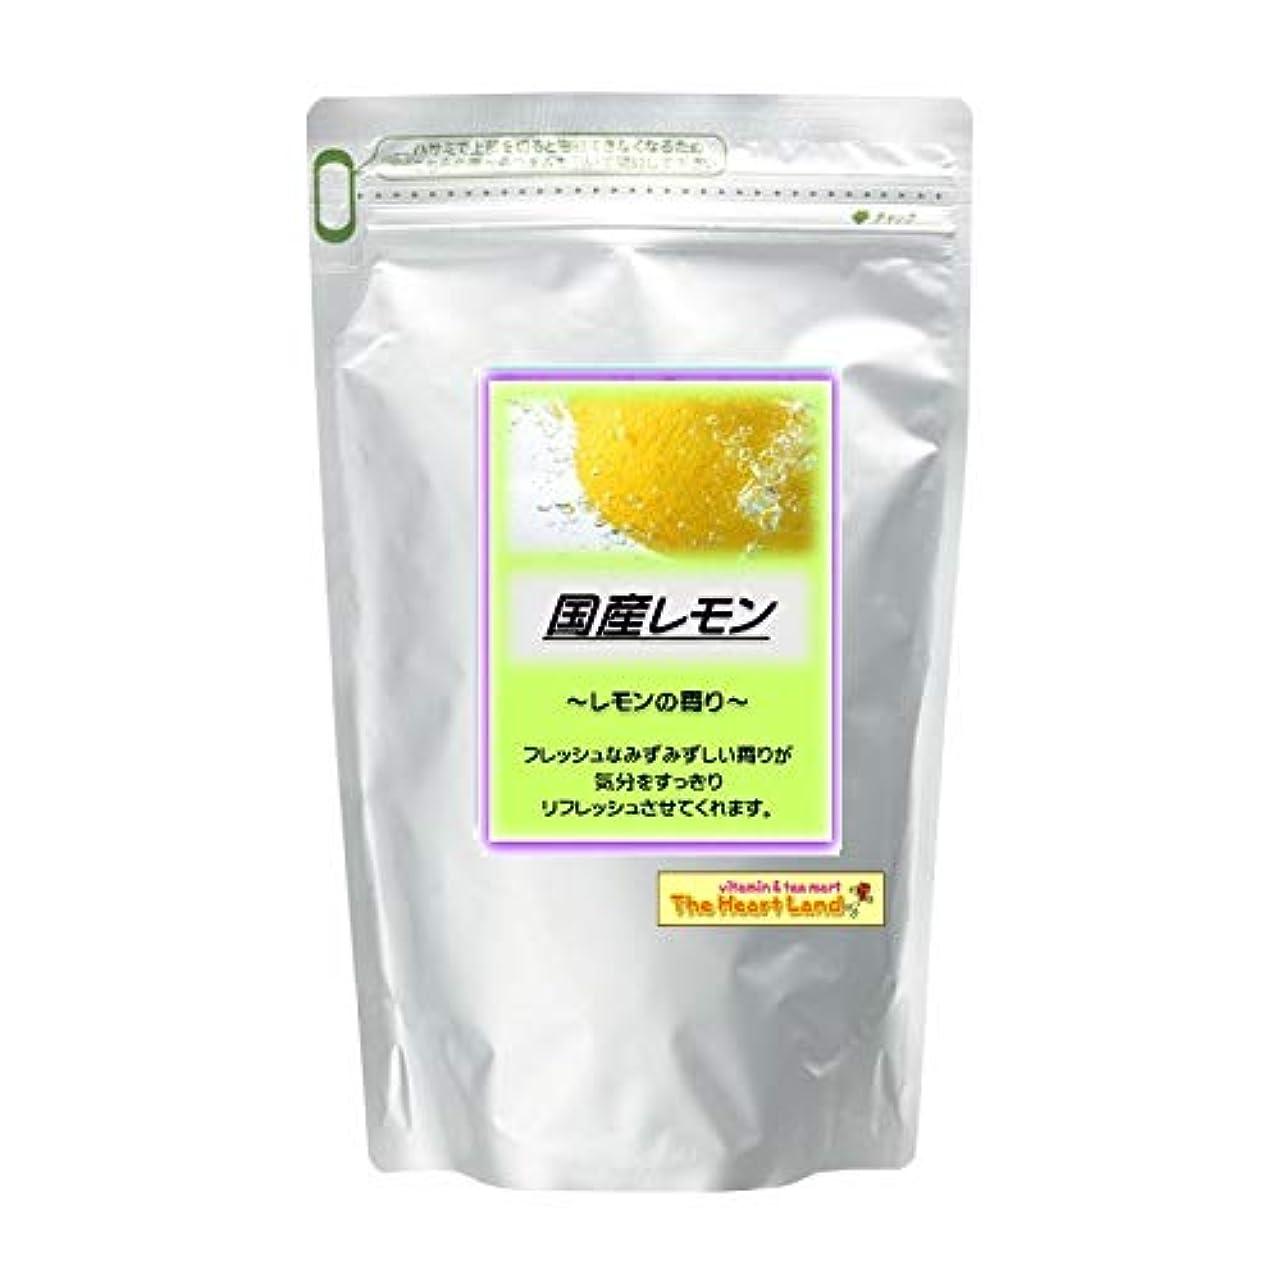 制約マウントバンクソフトウェアアサヒ入浴剤 浴用入浴化粧品 国産レモン 300g